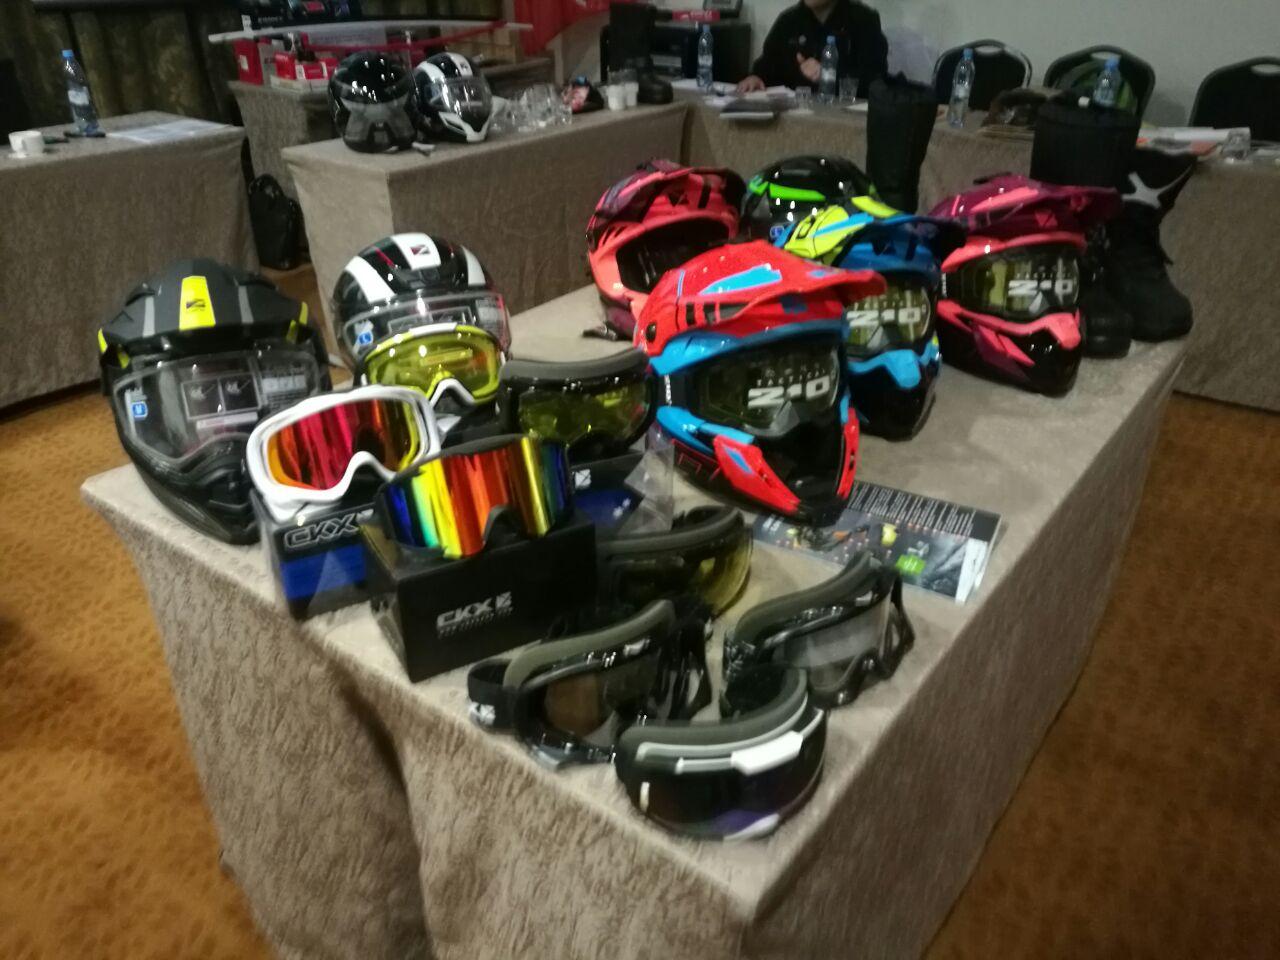 Шлем CKX, снегоходные очки CKX, купить шлем CKX в Усть-Каменогорске, купить снегоходные очки в Усть-Каменогорске